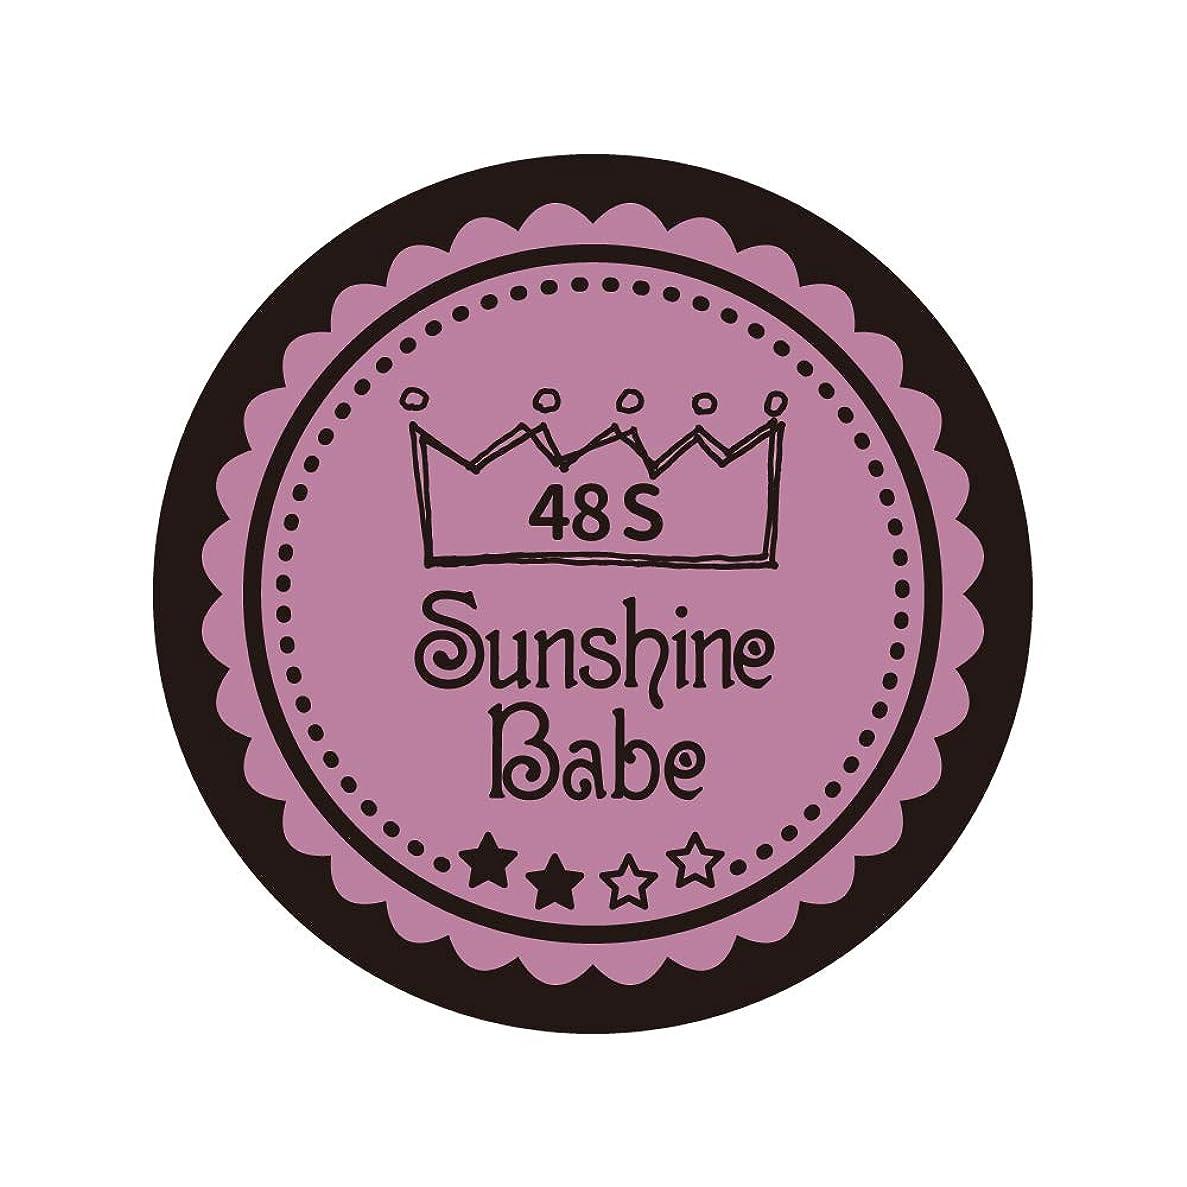 アルコーブスペア関与するSunshine Babe カラージェル 48S ペールモーブ 2.7g UV/LED対応